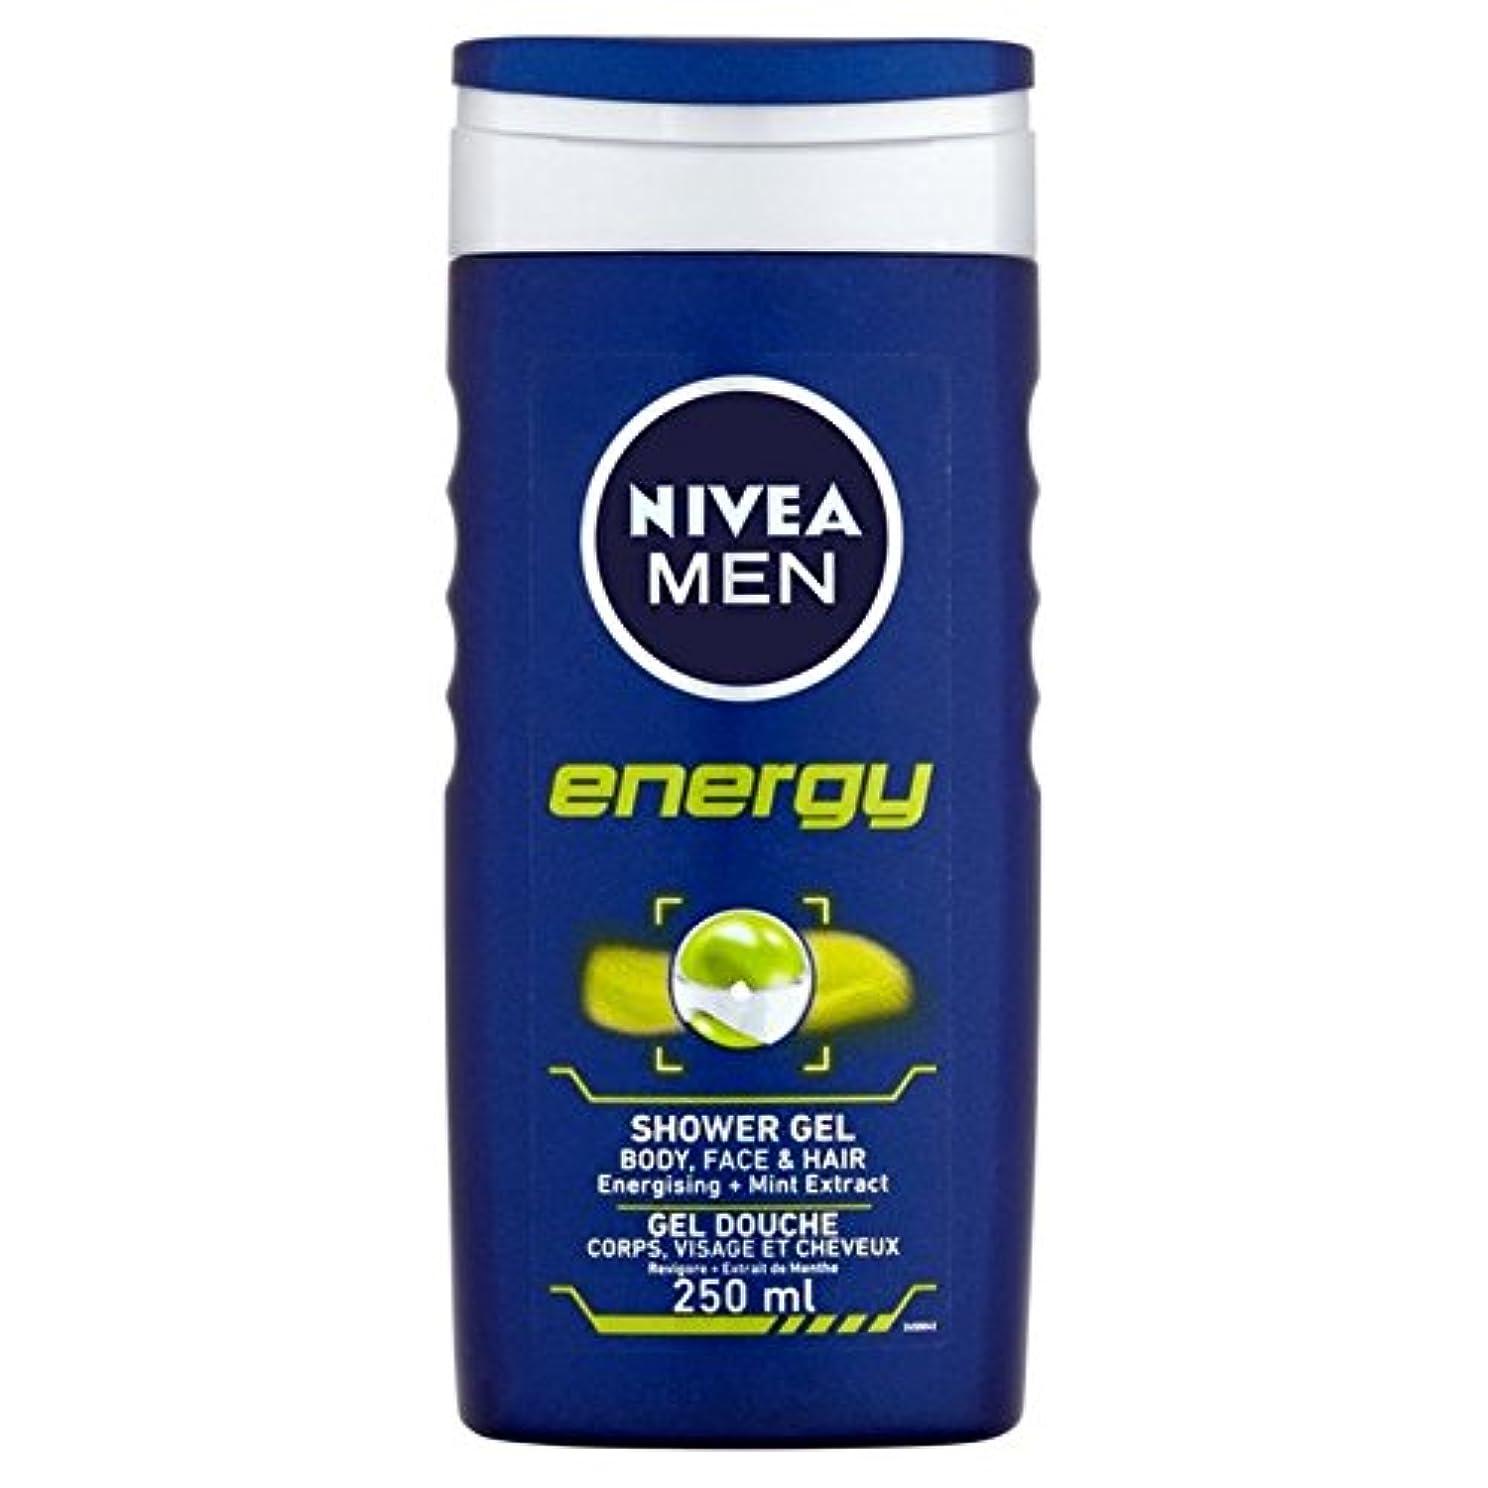 結晶スクワイア子供達Nivea Men Energy 2 in 1 Shower 250ml - 1つのシャワー250ミリリットル中ニベアの男性のエネルギー2 [並行輸入品]